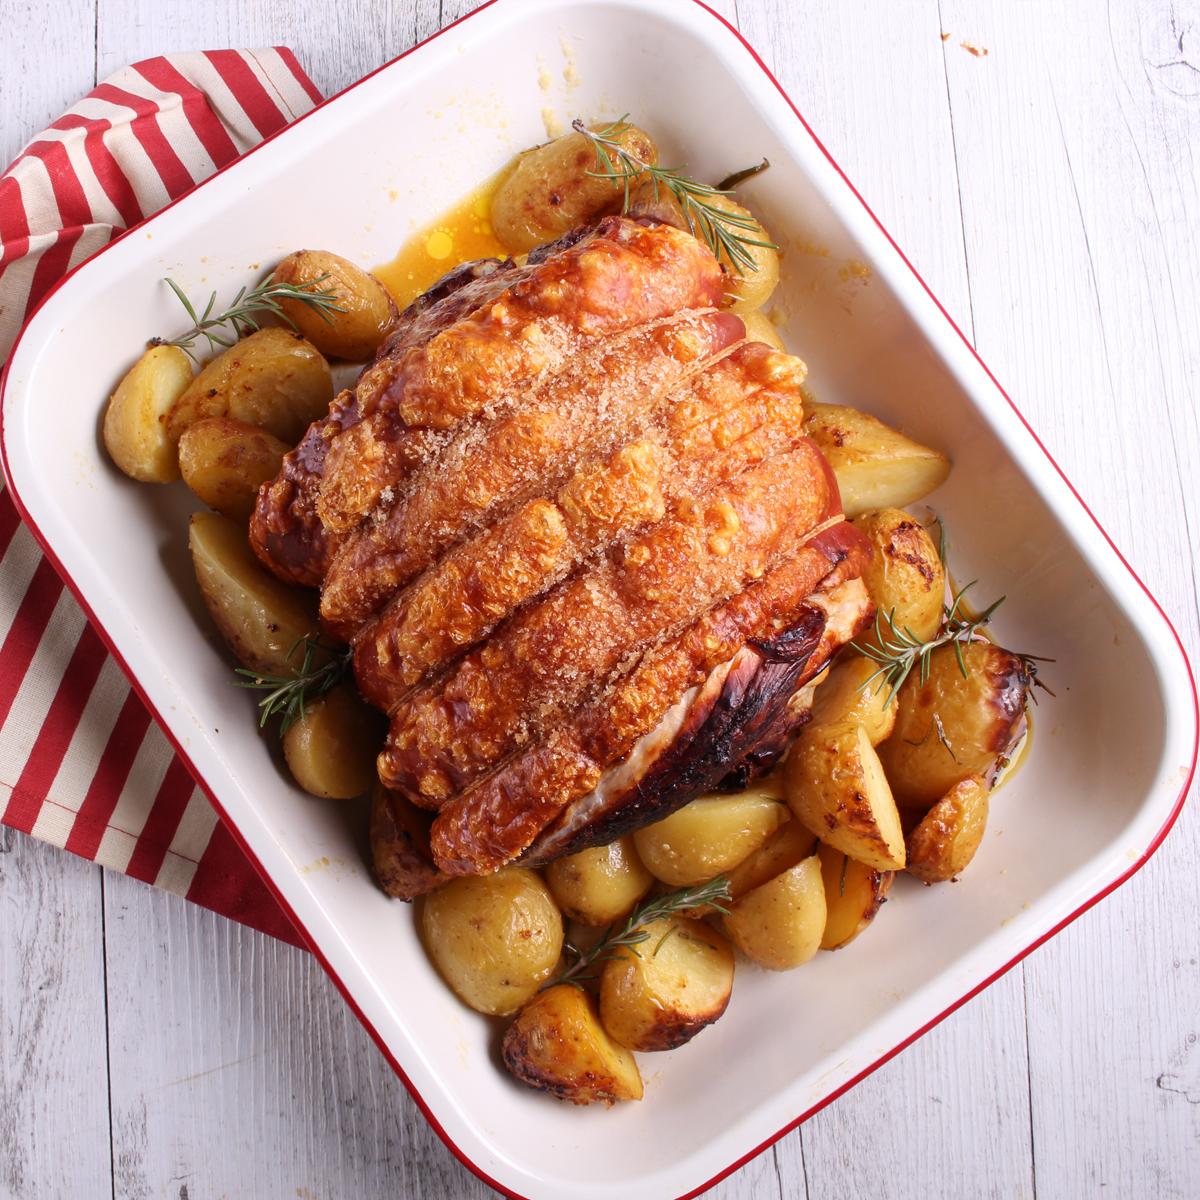 Leg Roast with garlic butter potatoes - leg roast